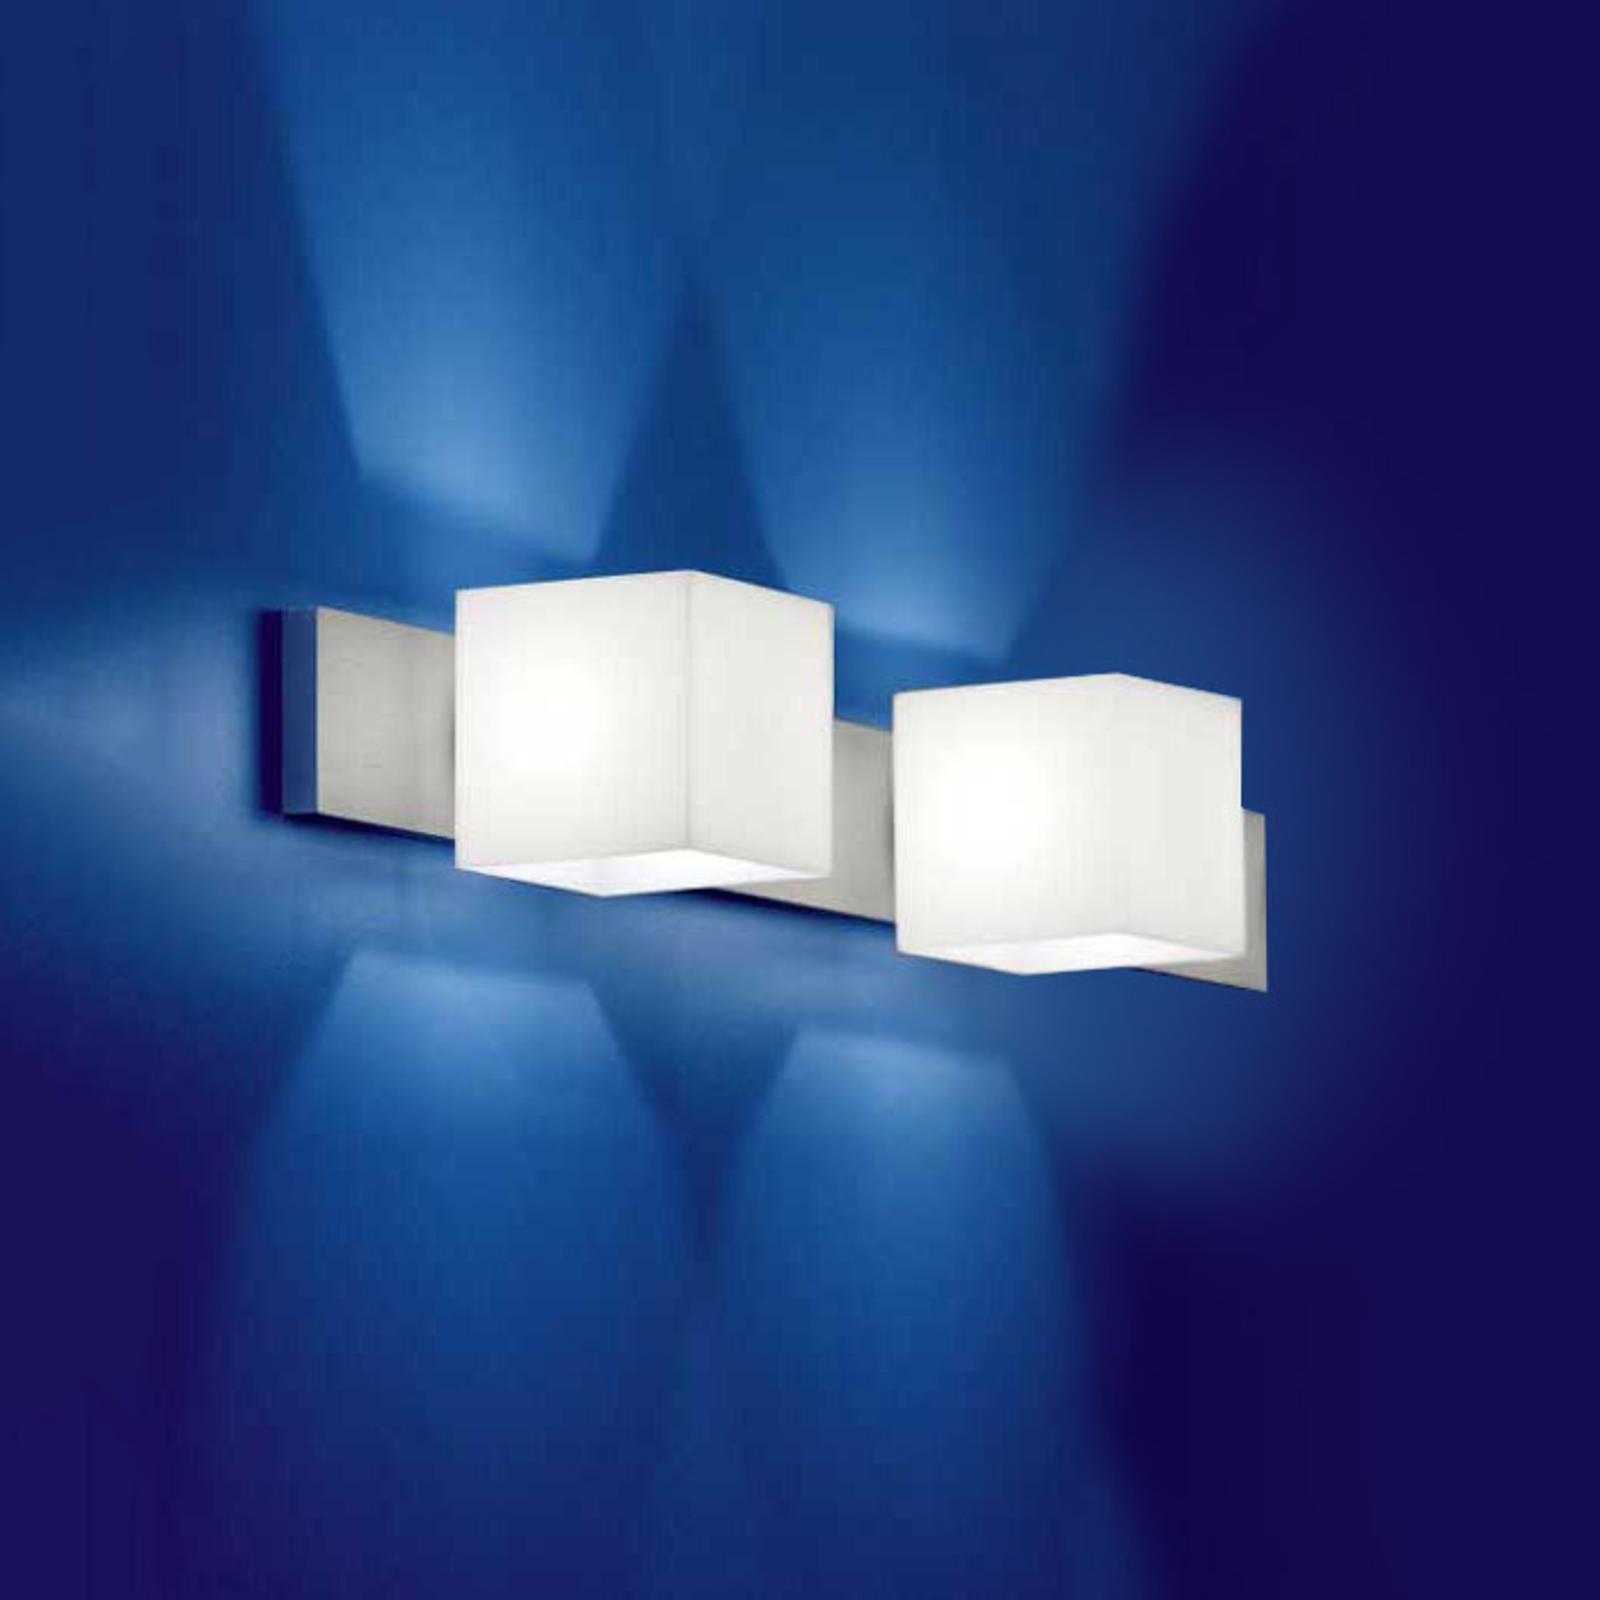 Væglampe CUBE m. 2 lyskilder og blændebeskyttelse